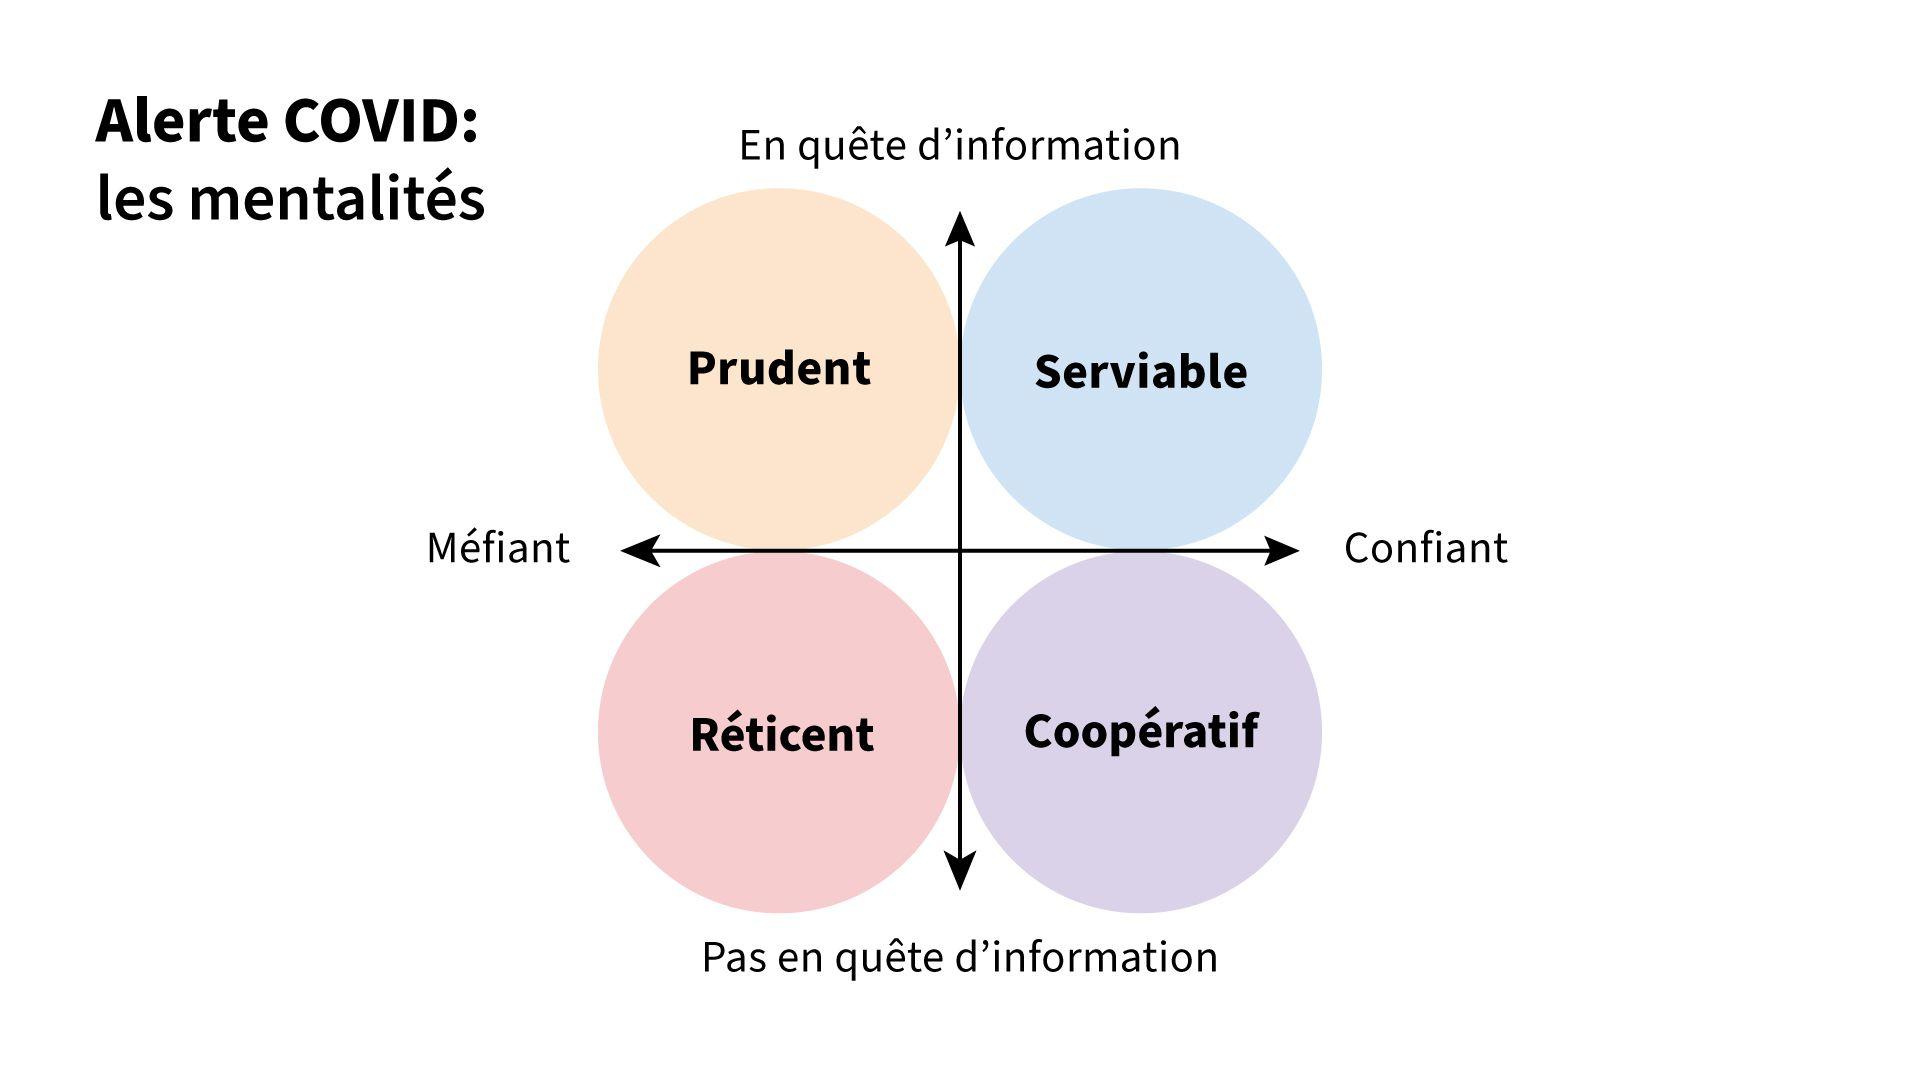 Un schéma à 4 quadrants. Le nord de l'axe vertical correspond à « En quête d'information », et le sud de l'axe vertical correspond à « Pas en quête d'information ». L'est de l'axe horizontal correspond à « Confiant », et l'ouest de l'axe horizontal correspond à « Méfiant ». À partir du quadrant supérieur gauche, et en sens horaire, les quatre cercles dans les quadrants sont étiquetés « Prudent », « Serviable », « Coopératif » et « Réticent ».